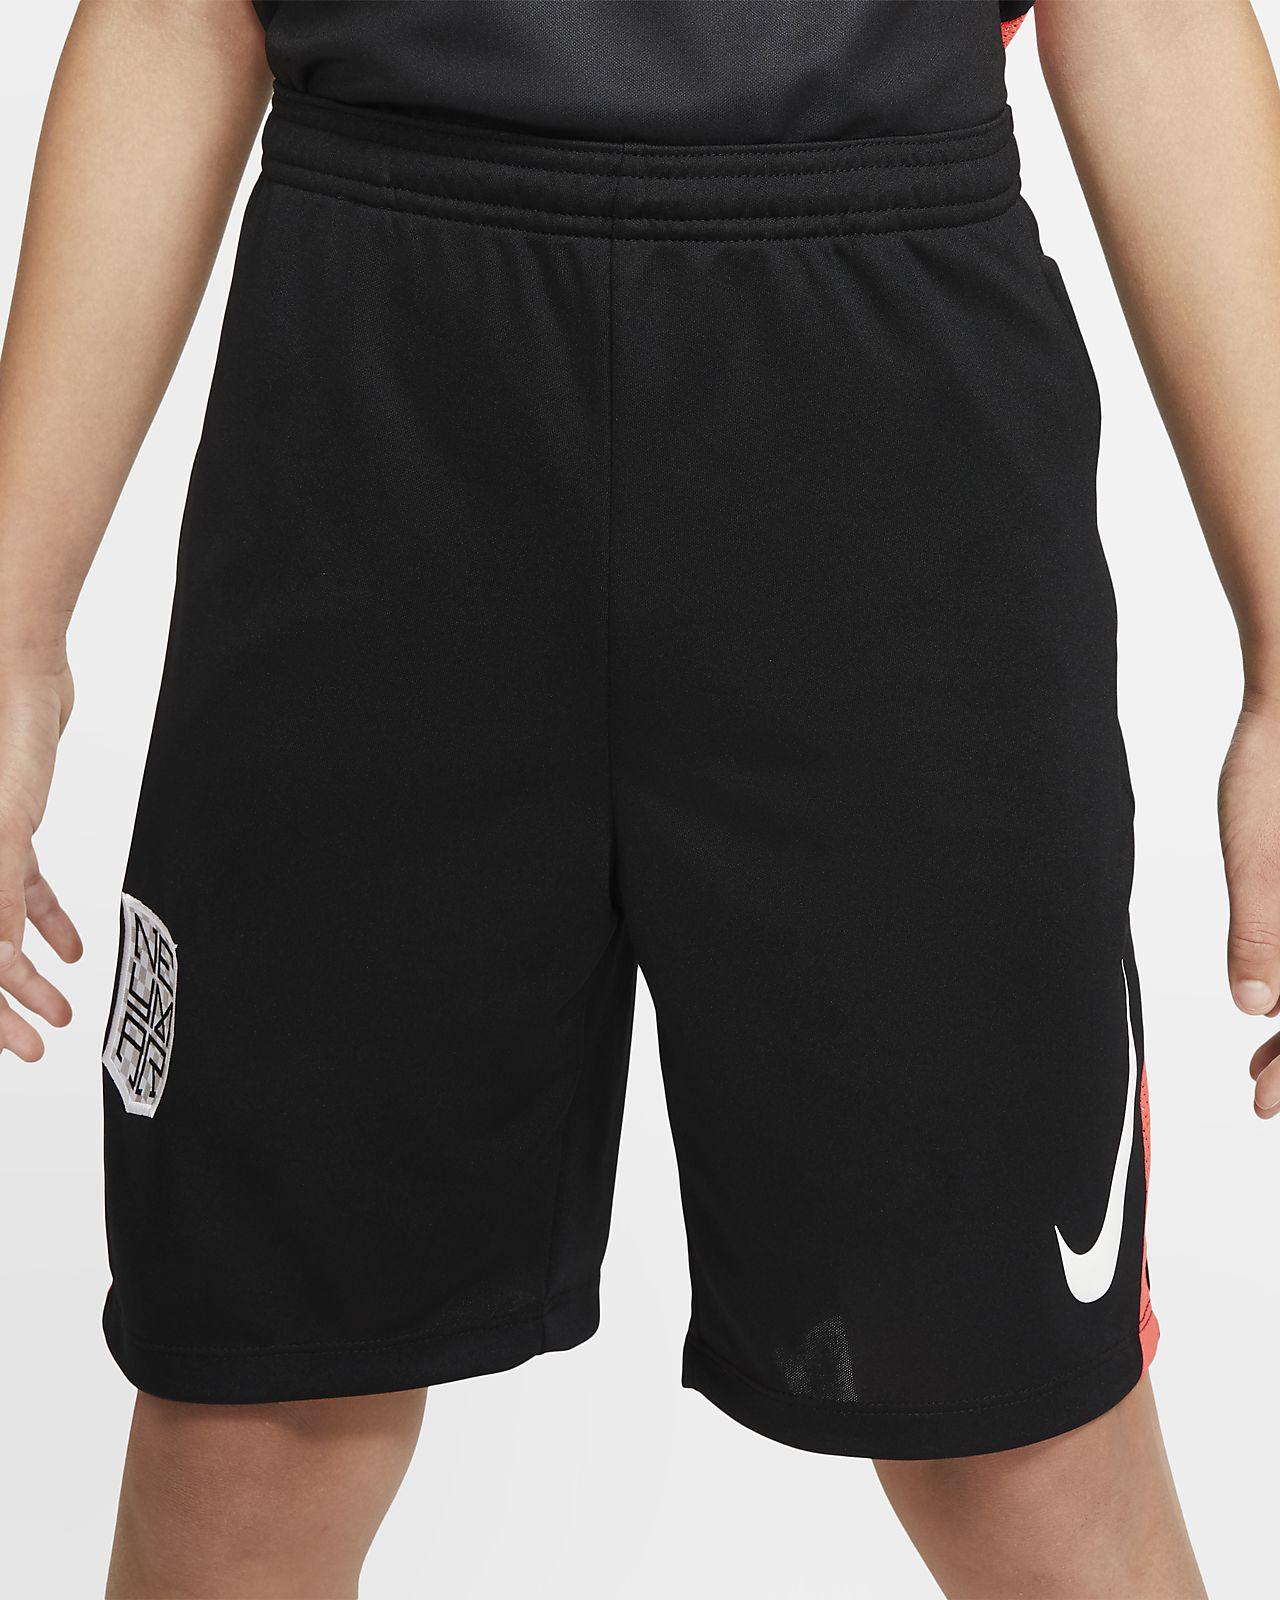 Shorts da calcio Nike Dri-FIT NeymarJr. - Ragazzi